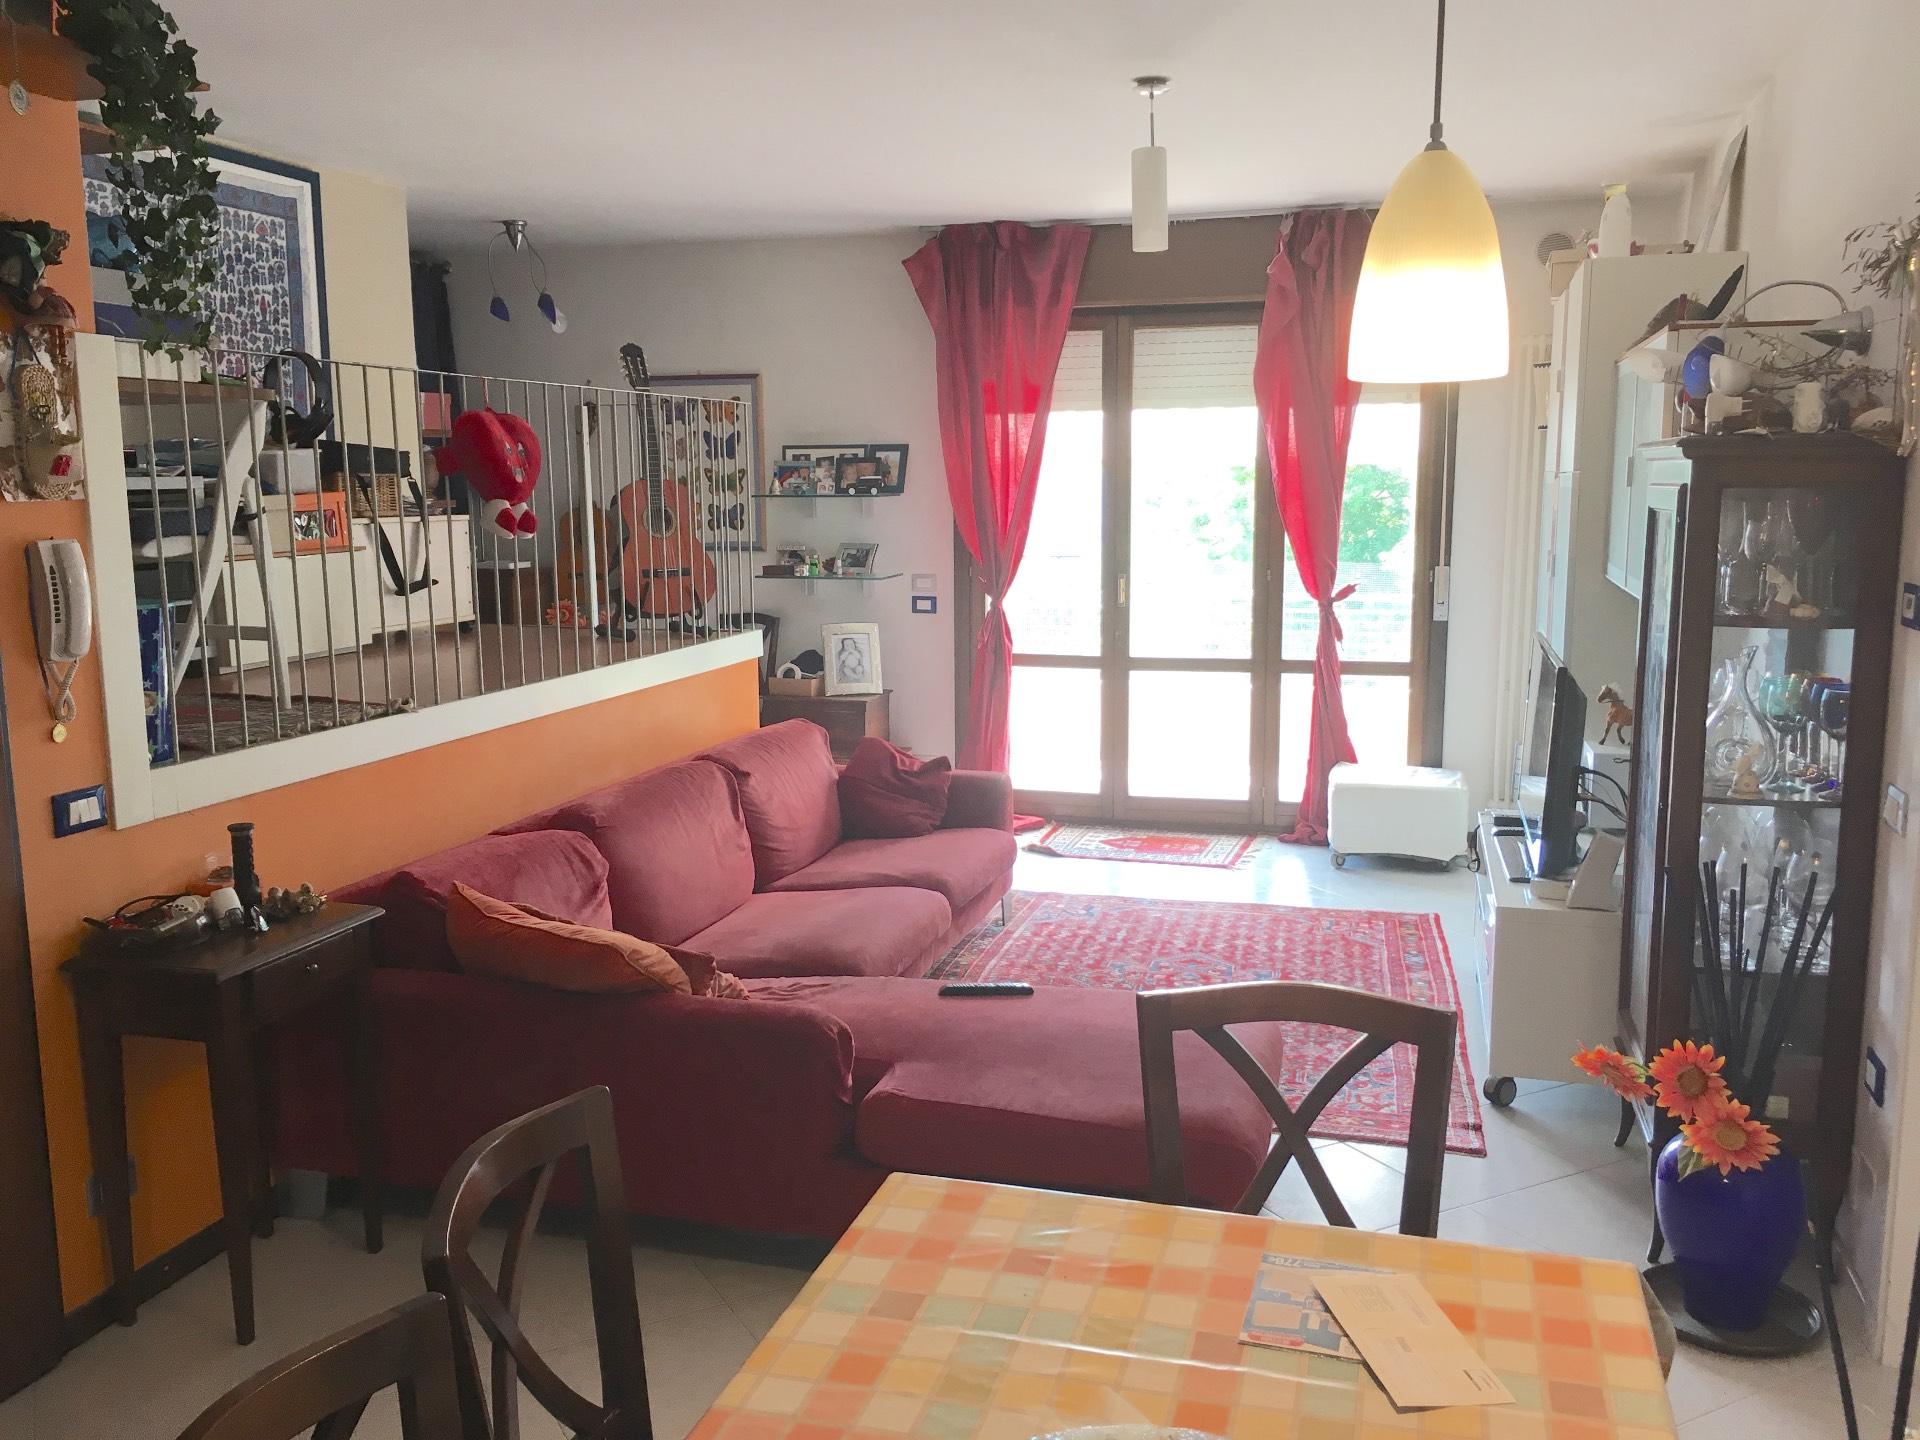 Appartamento in vendita a Carbonera, 4 locali, zona Zona: Mignagola, prezzo € 90.000 | CambioCasa.it